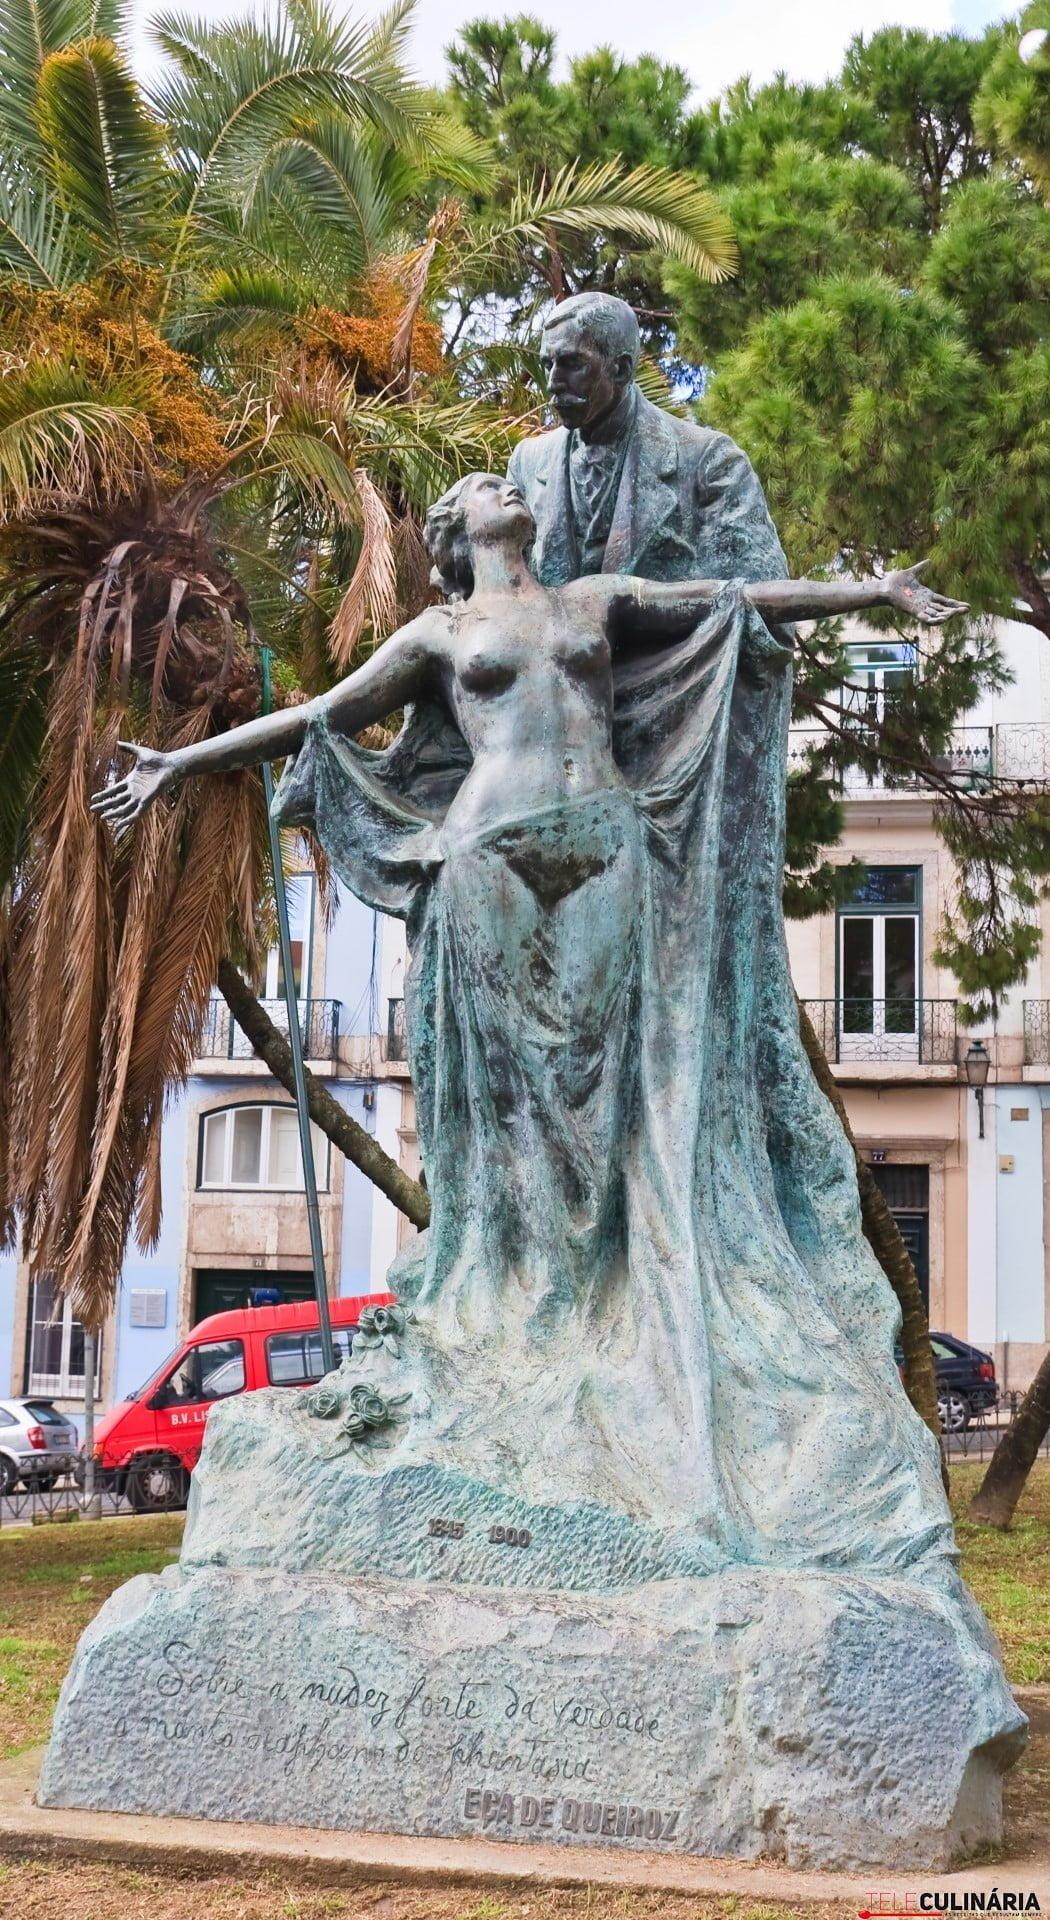 Statue Ese Maria de Eca de Queiroz in Lisbon, Portugal